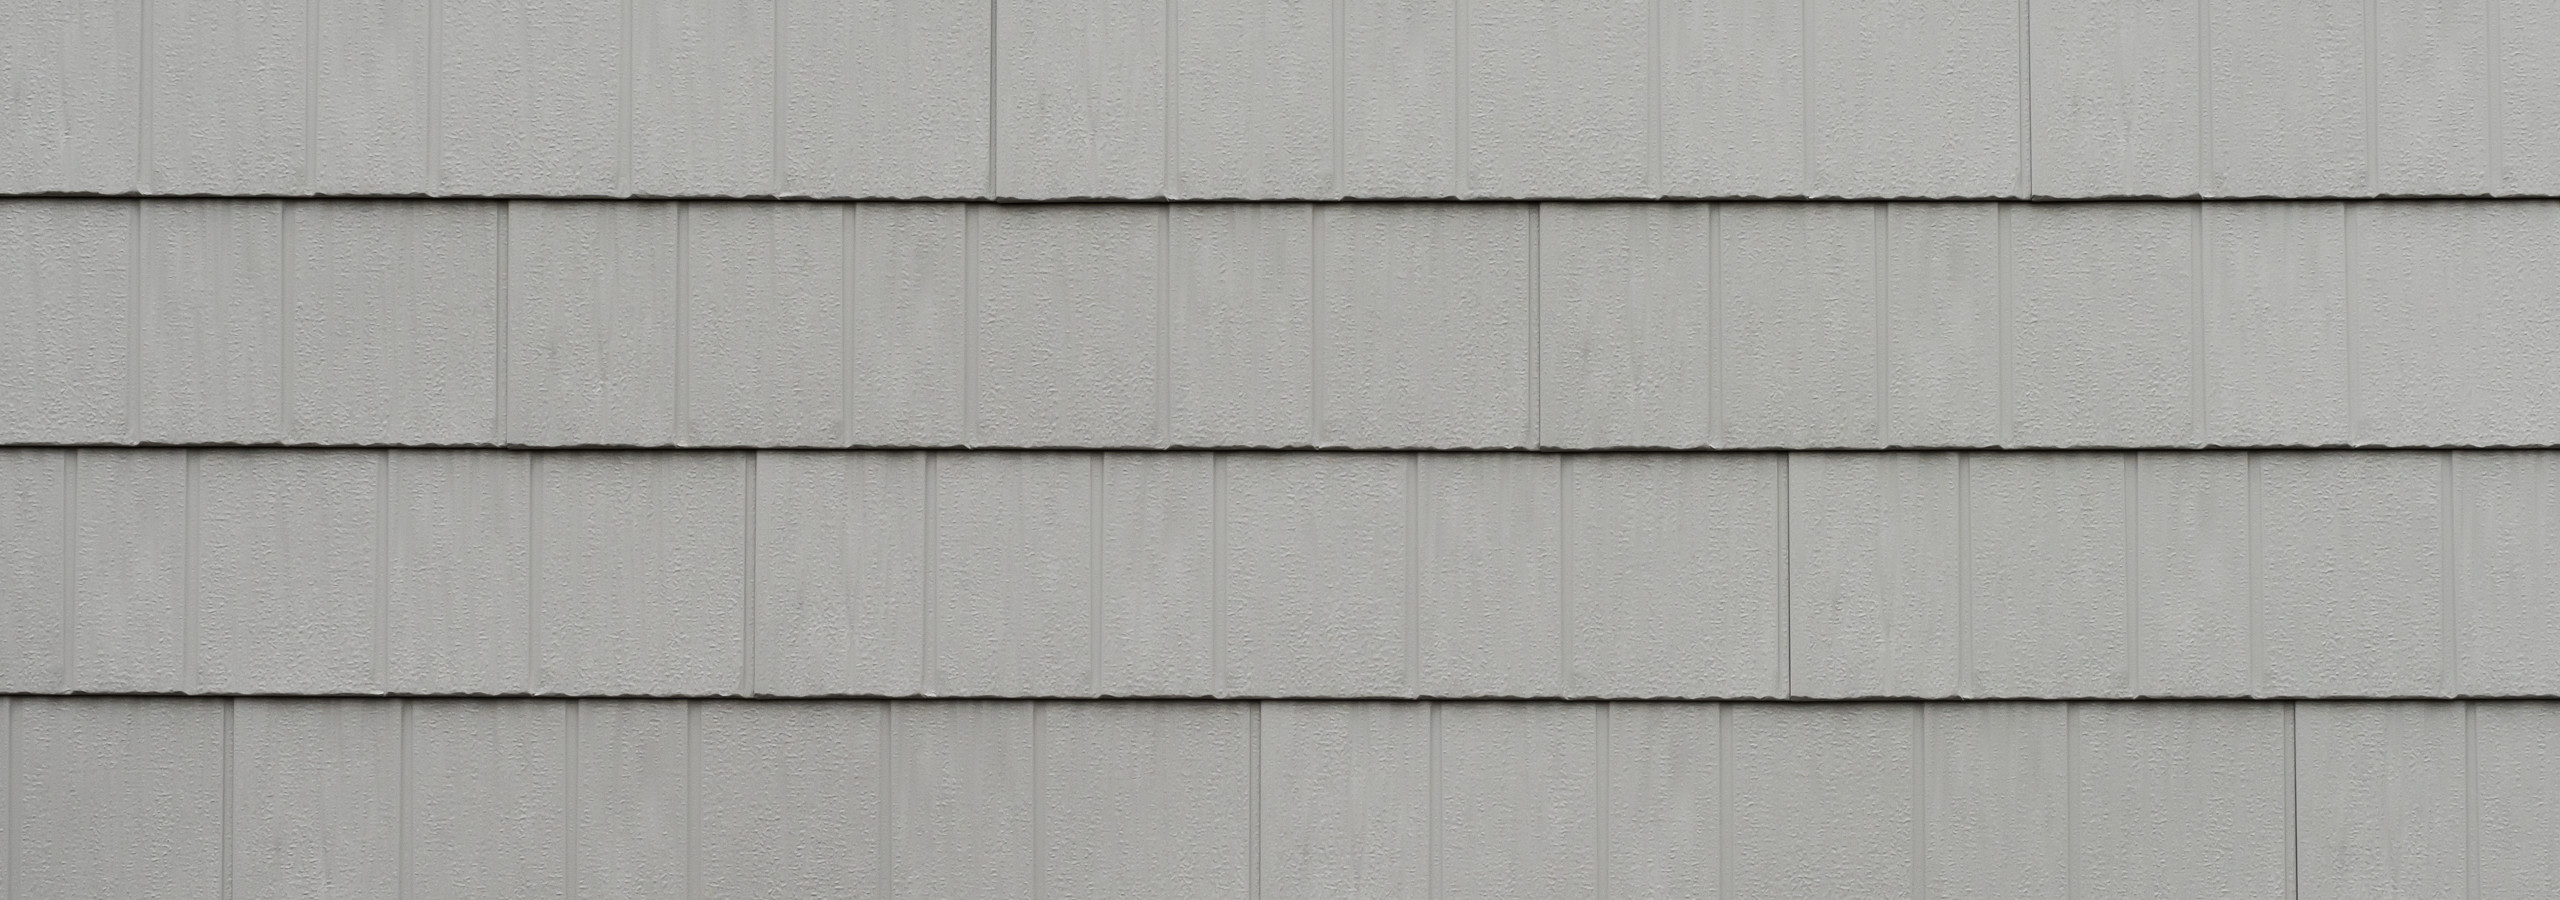 Pewter steel shake roofing